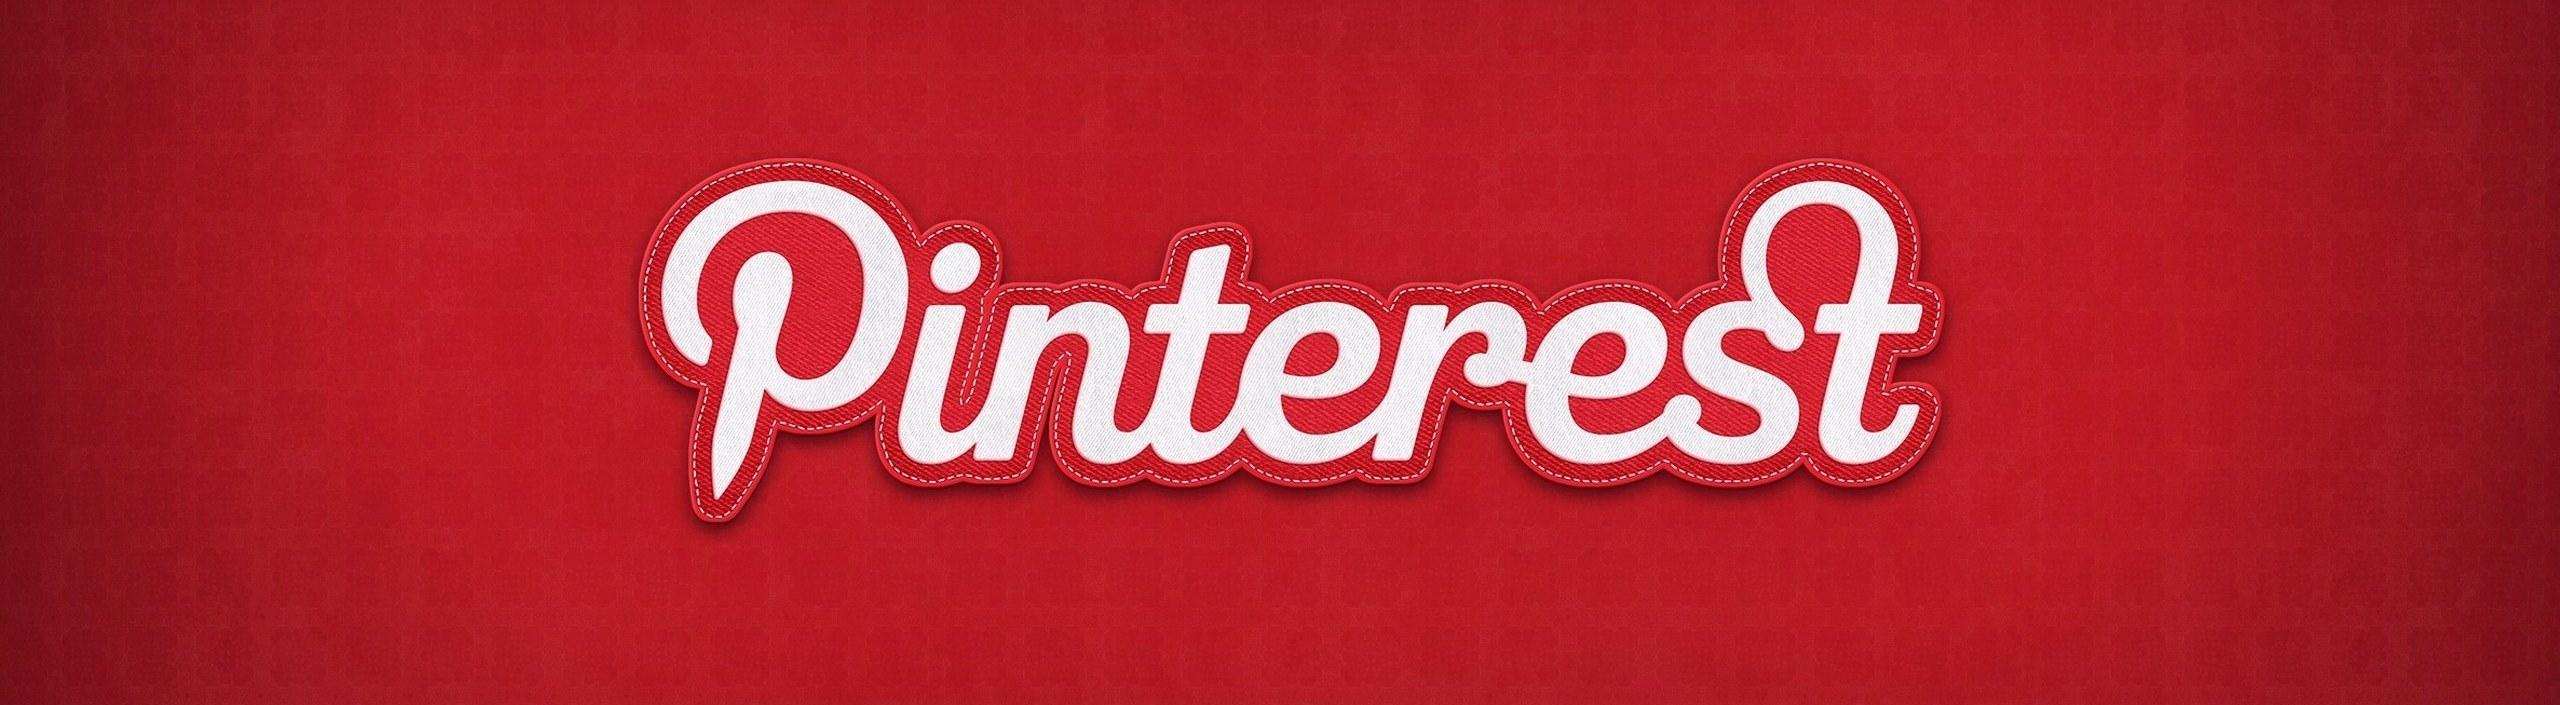 Pinterest intègre le Web Analytics (comptes pro)